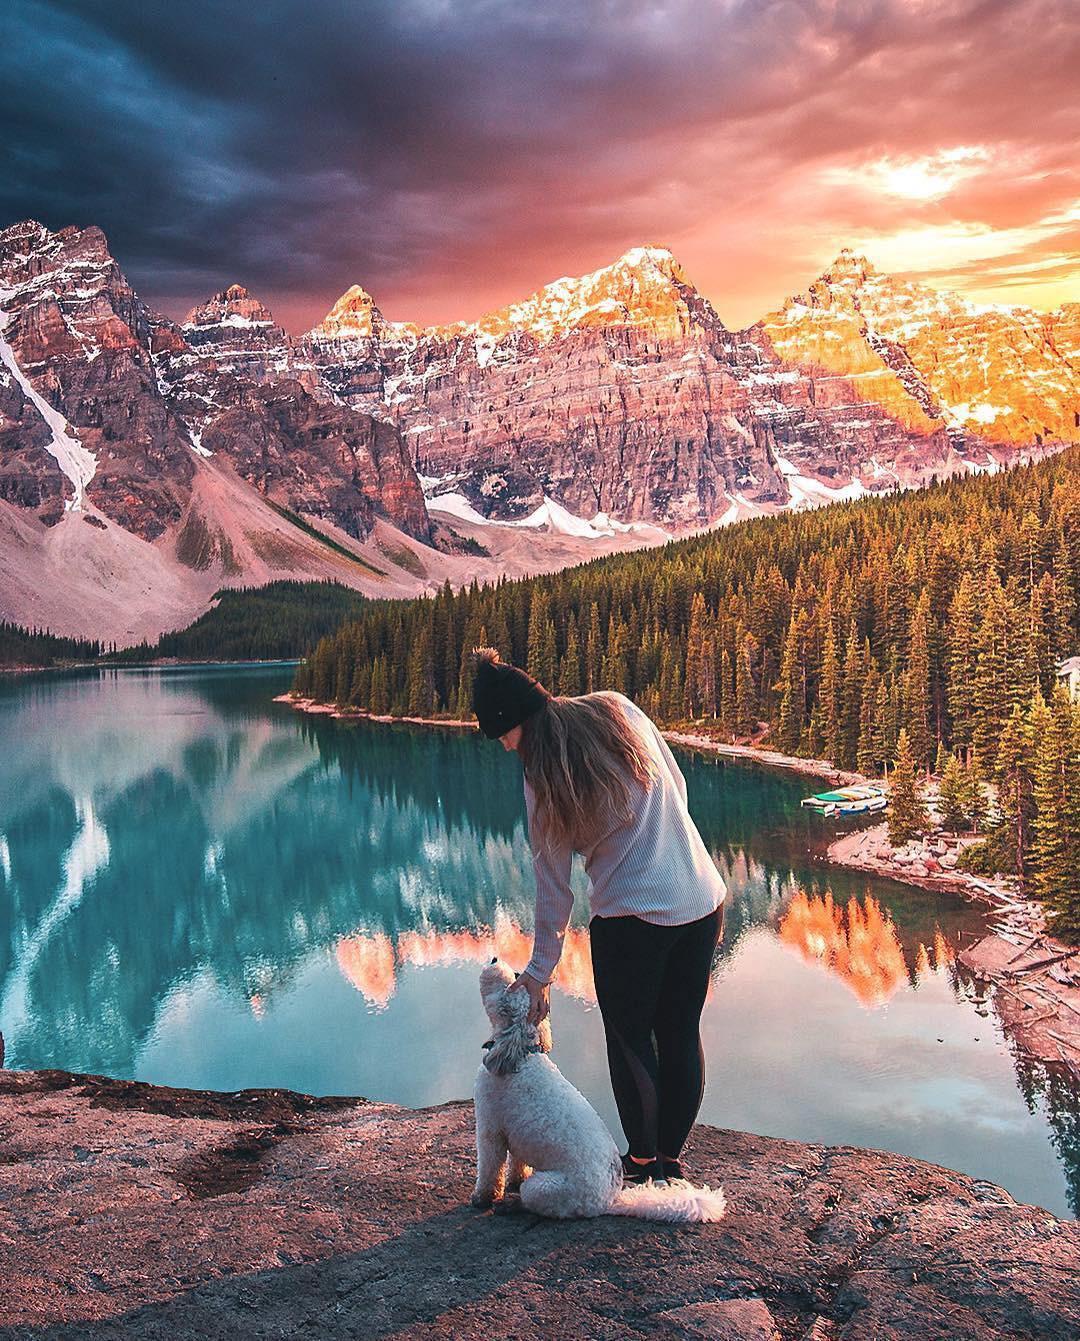 Có gì hay ở hồ nước màu xanh ngọc bích được mệnh danh là thiên đường trần gian ở Canada? - Ảnh 10.